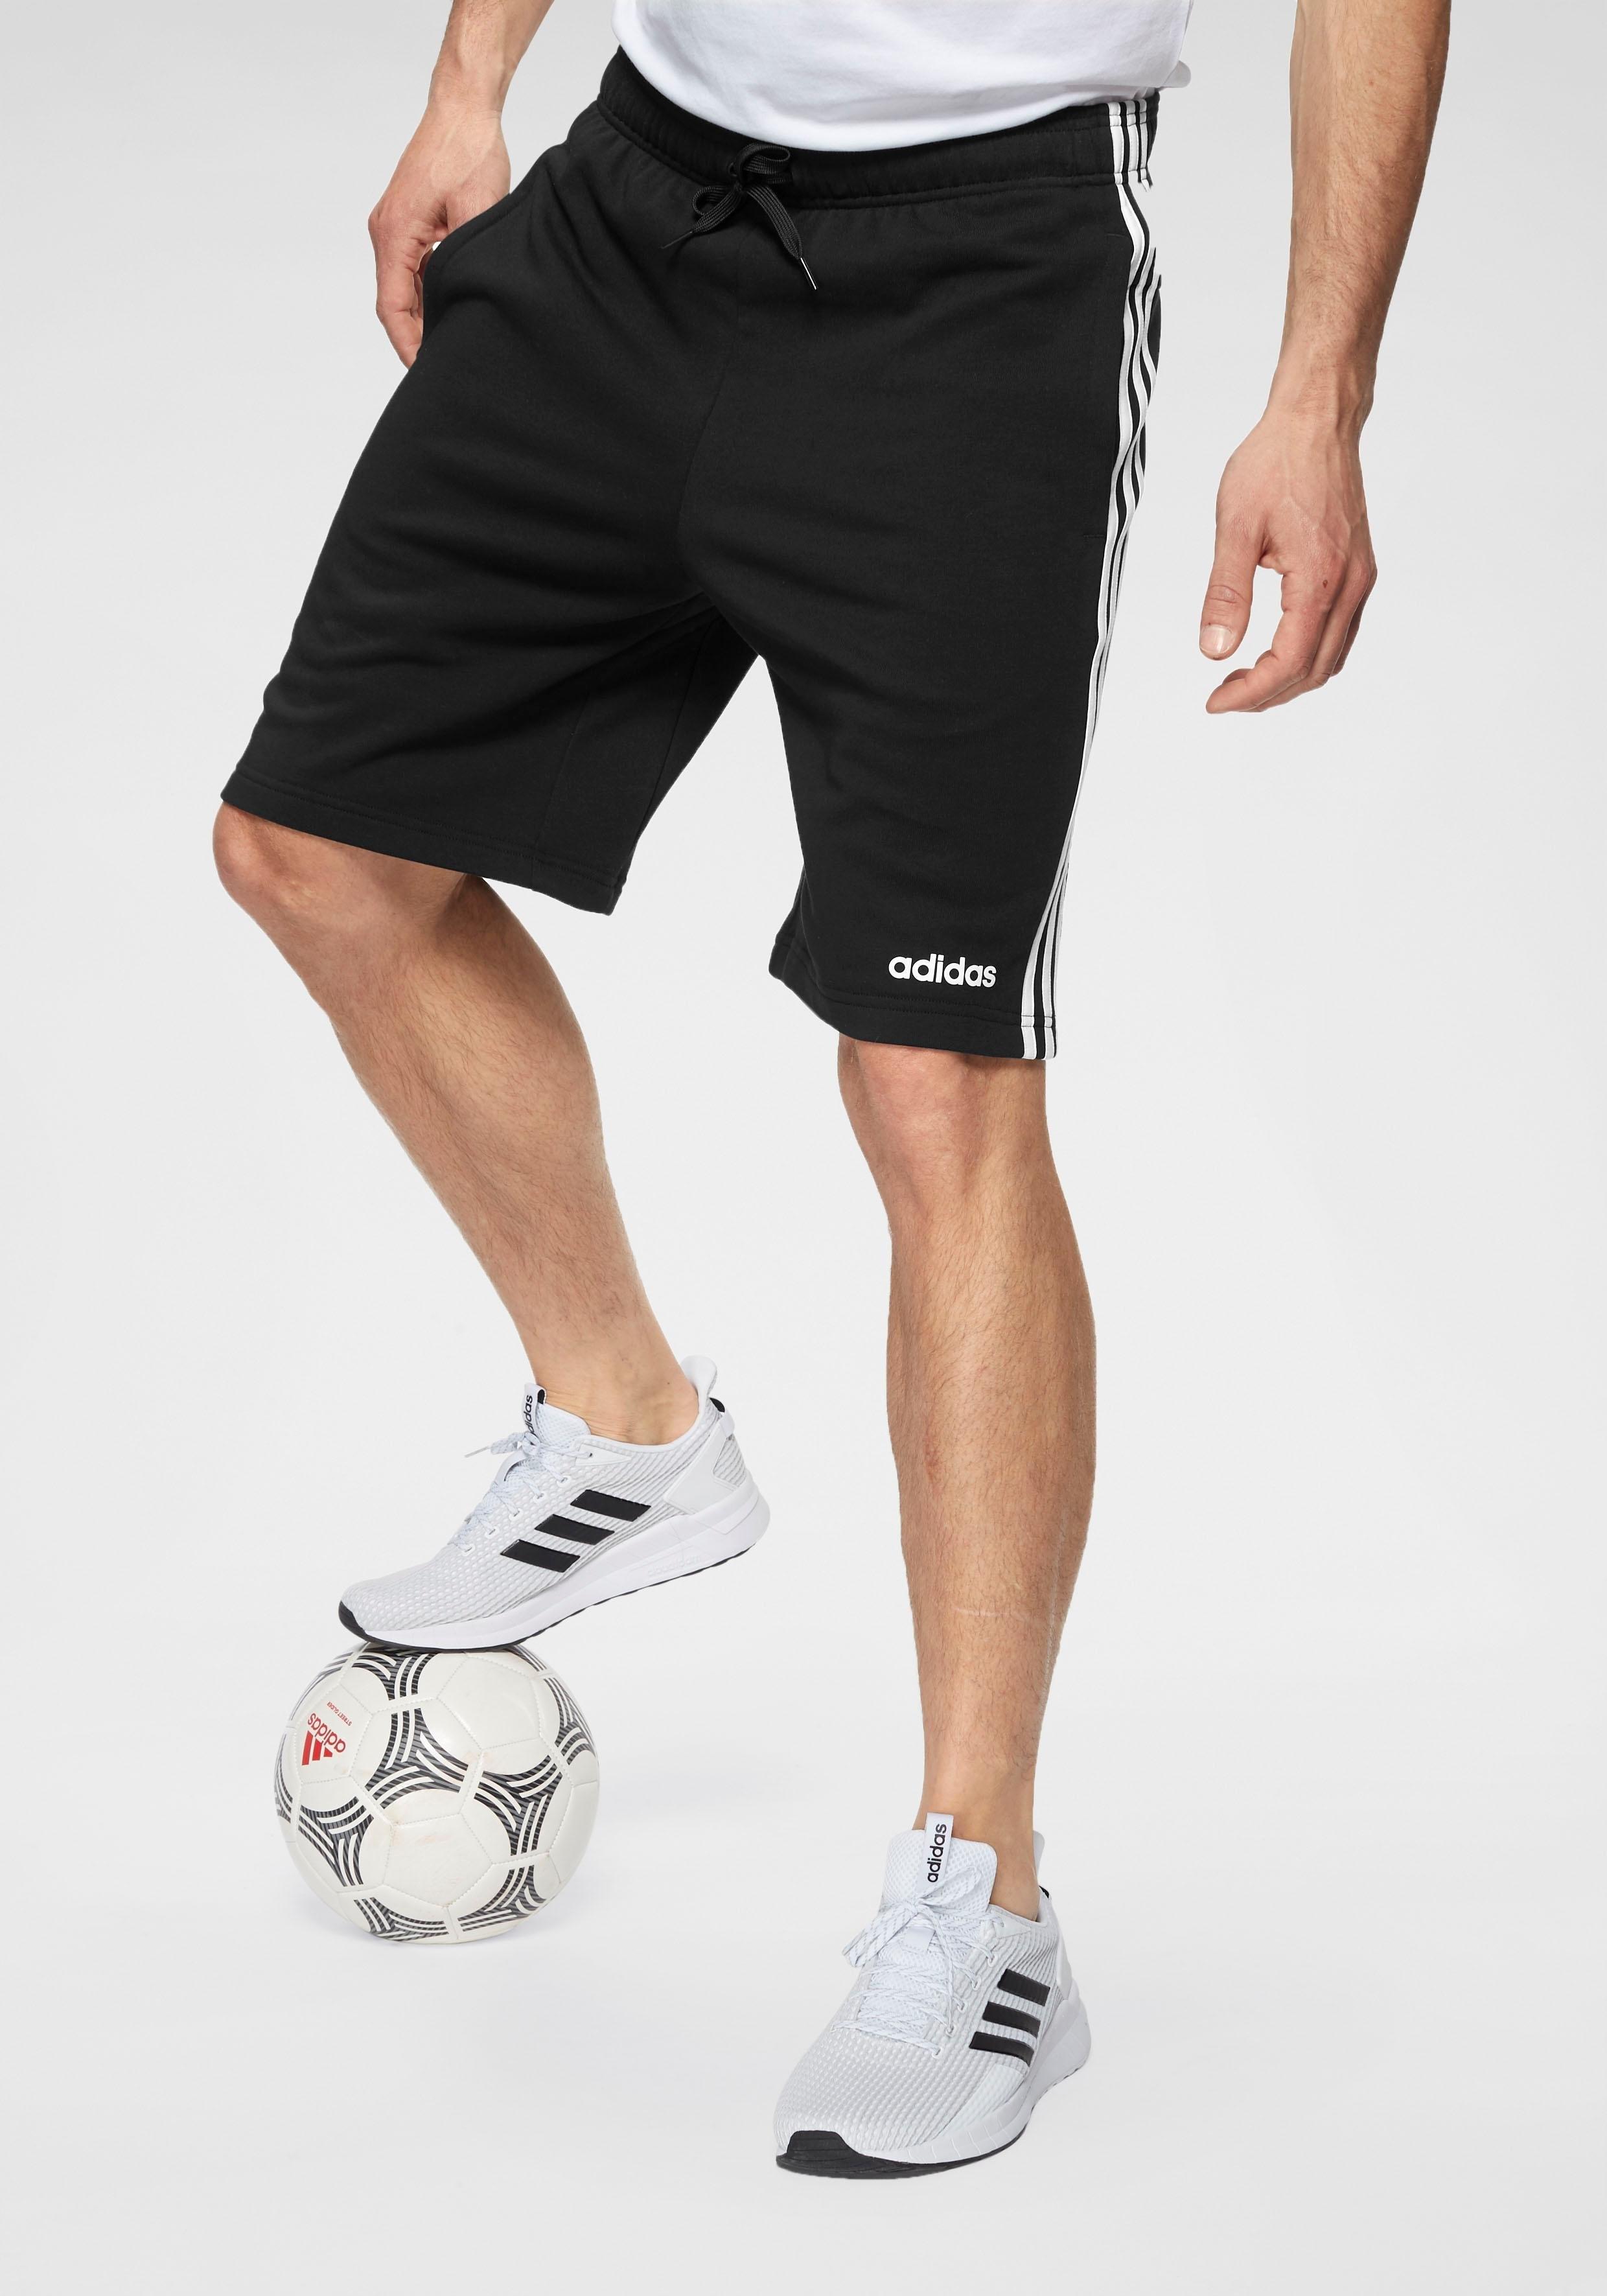 adidas Performance adidas short »E 3 STRIPES SHORT FT« online kopen op otto.nl